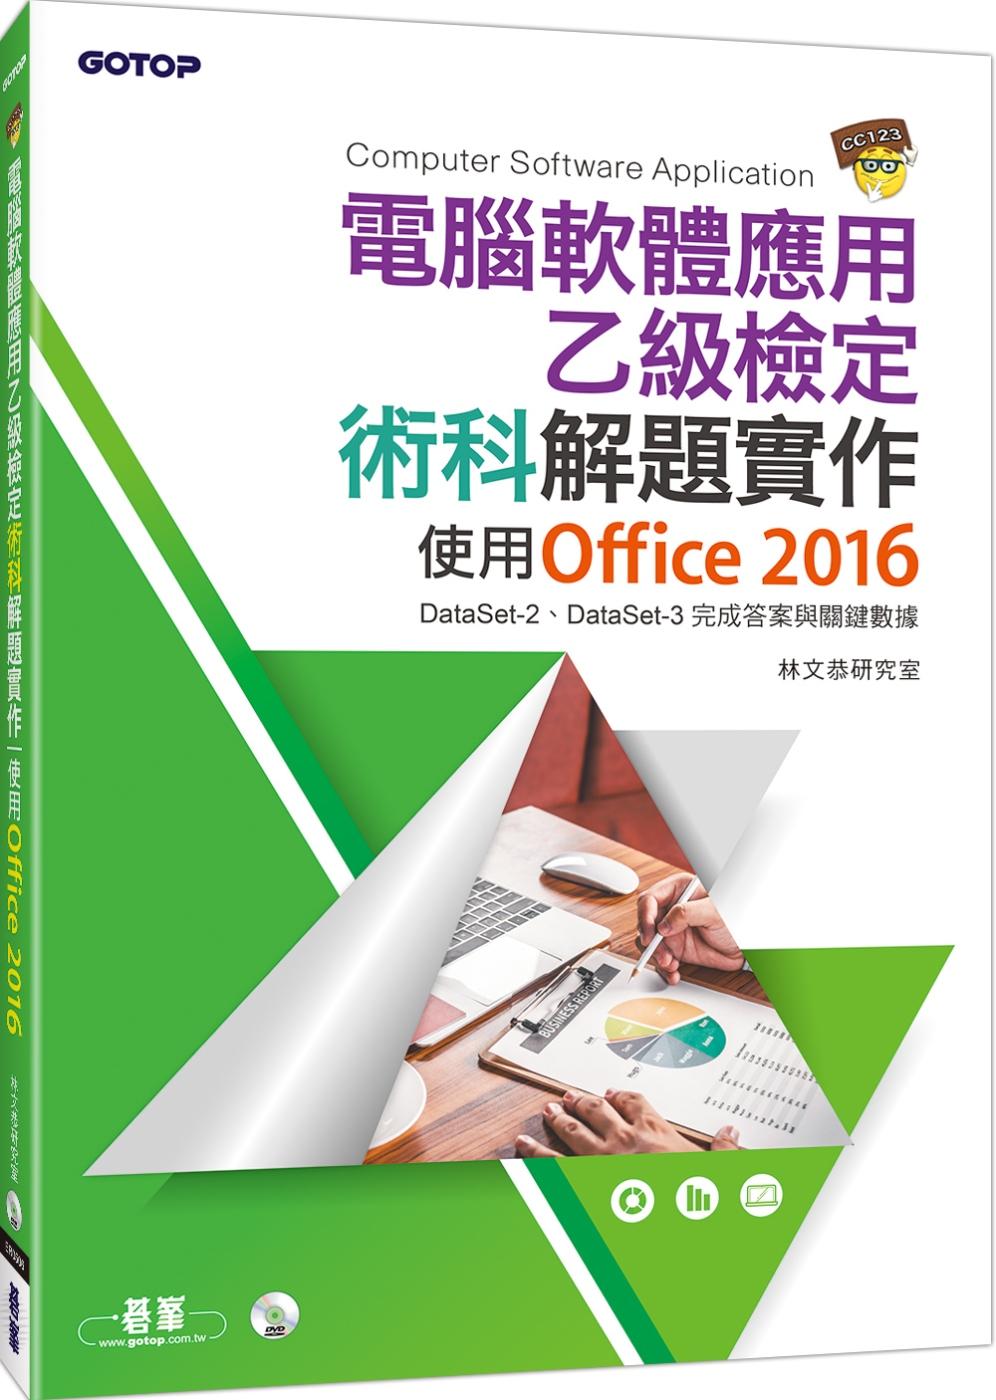 電腦軟體應用乙級檢定術科解題實作:使用Office 2016(附DVD一片)